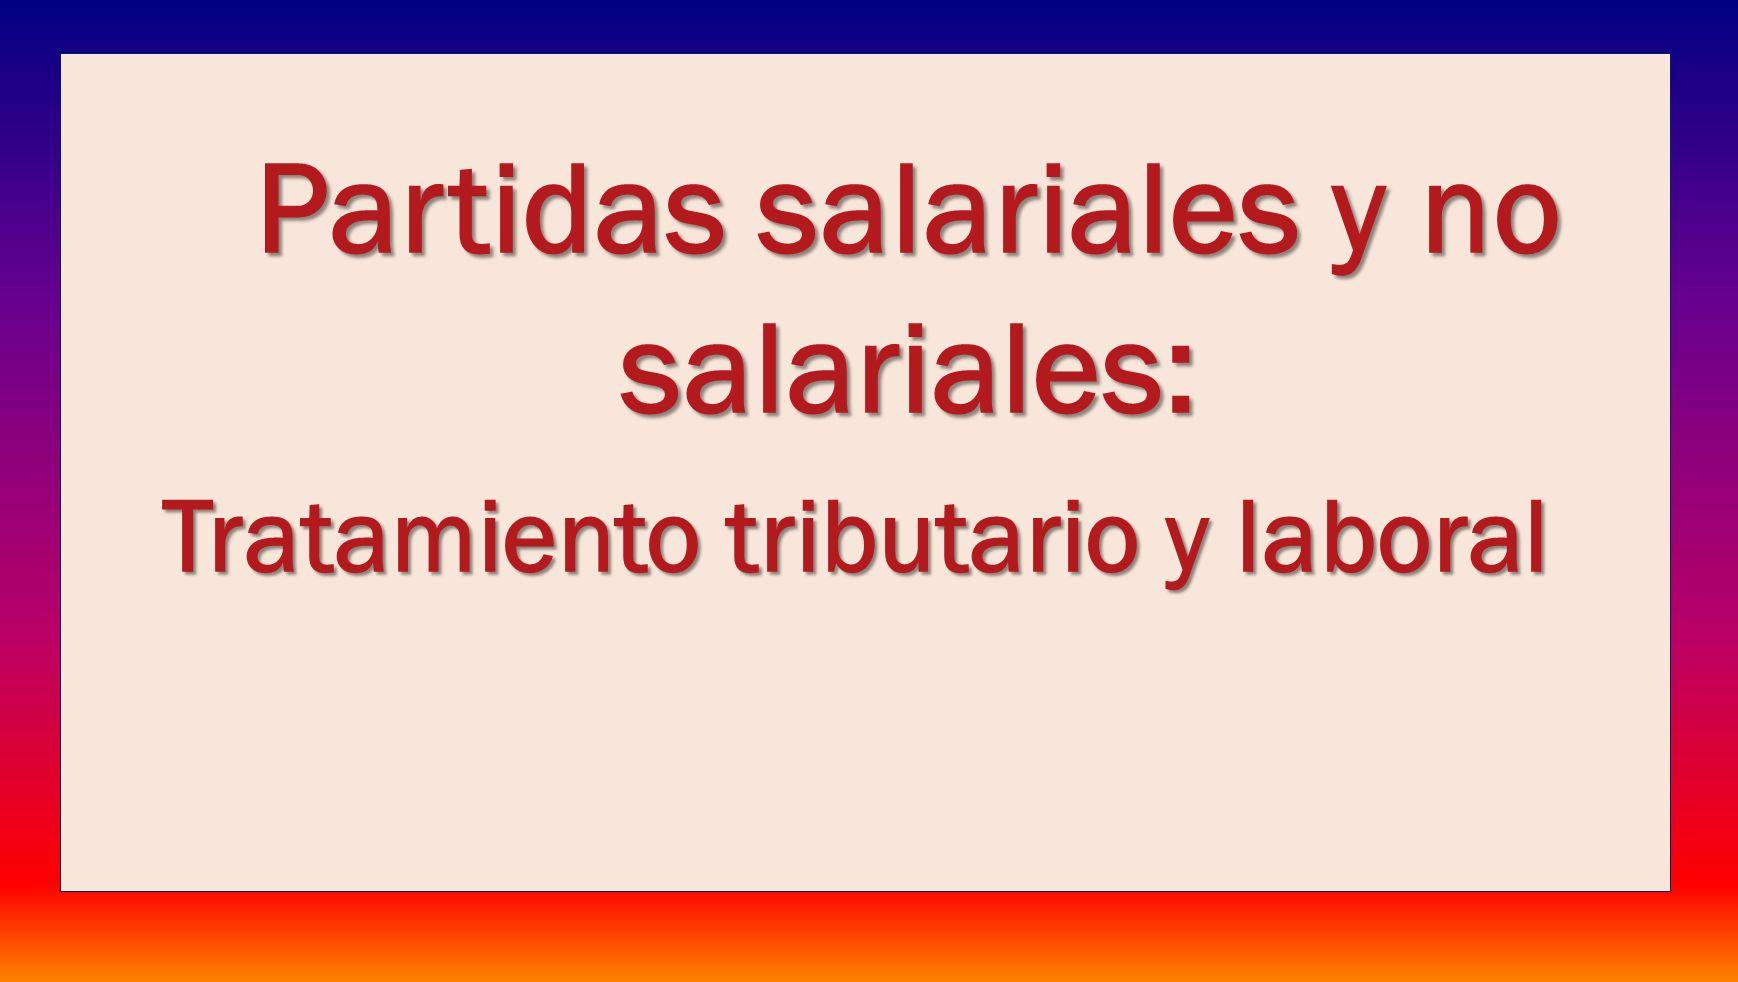 Partidas salariales y no salariales: Tratamiento tributario y laboral